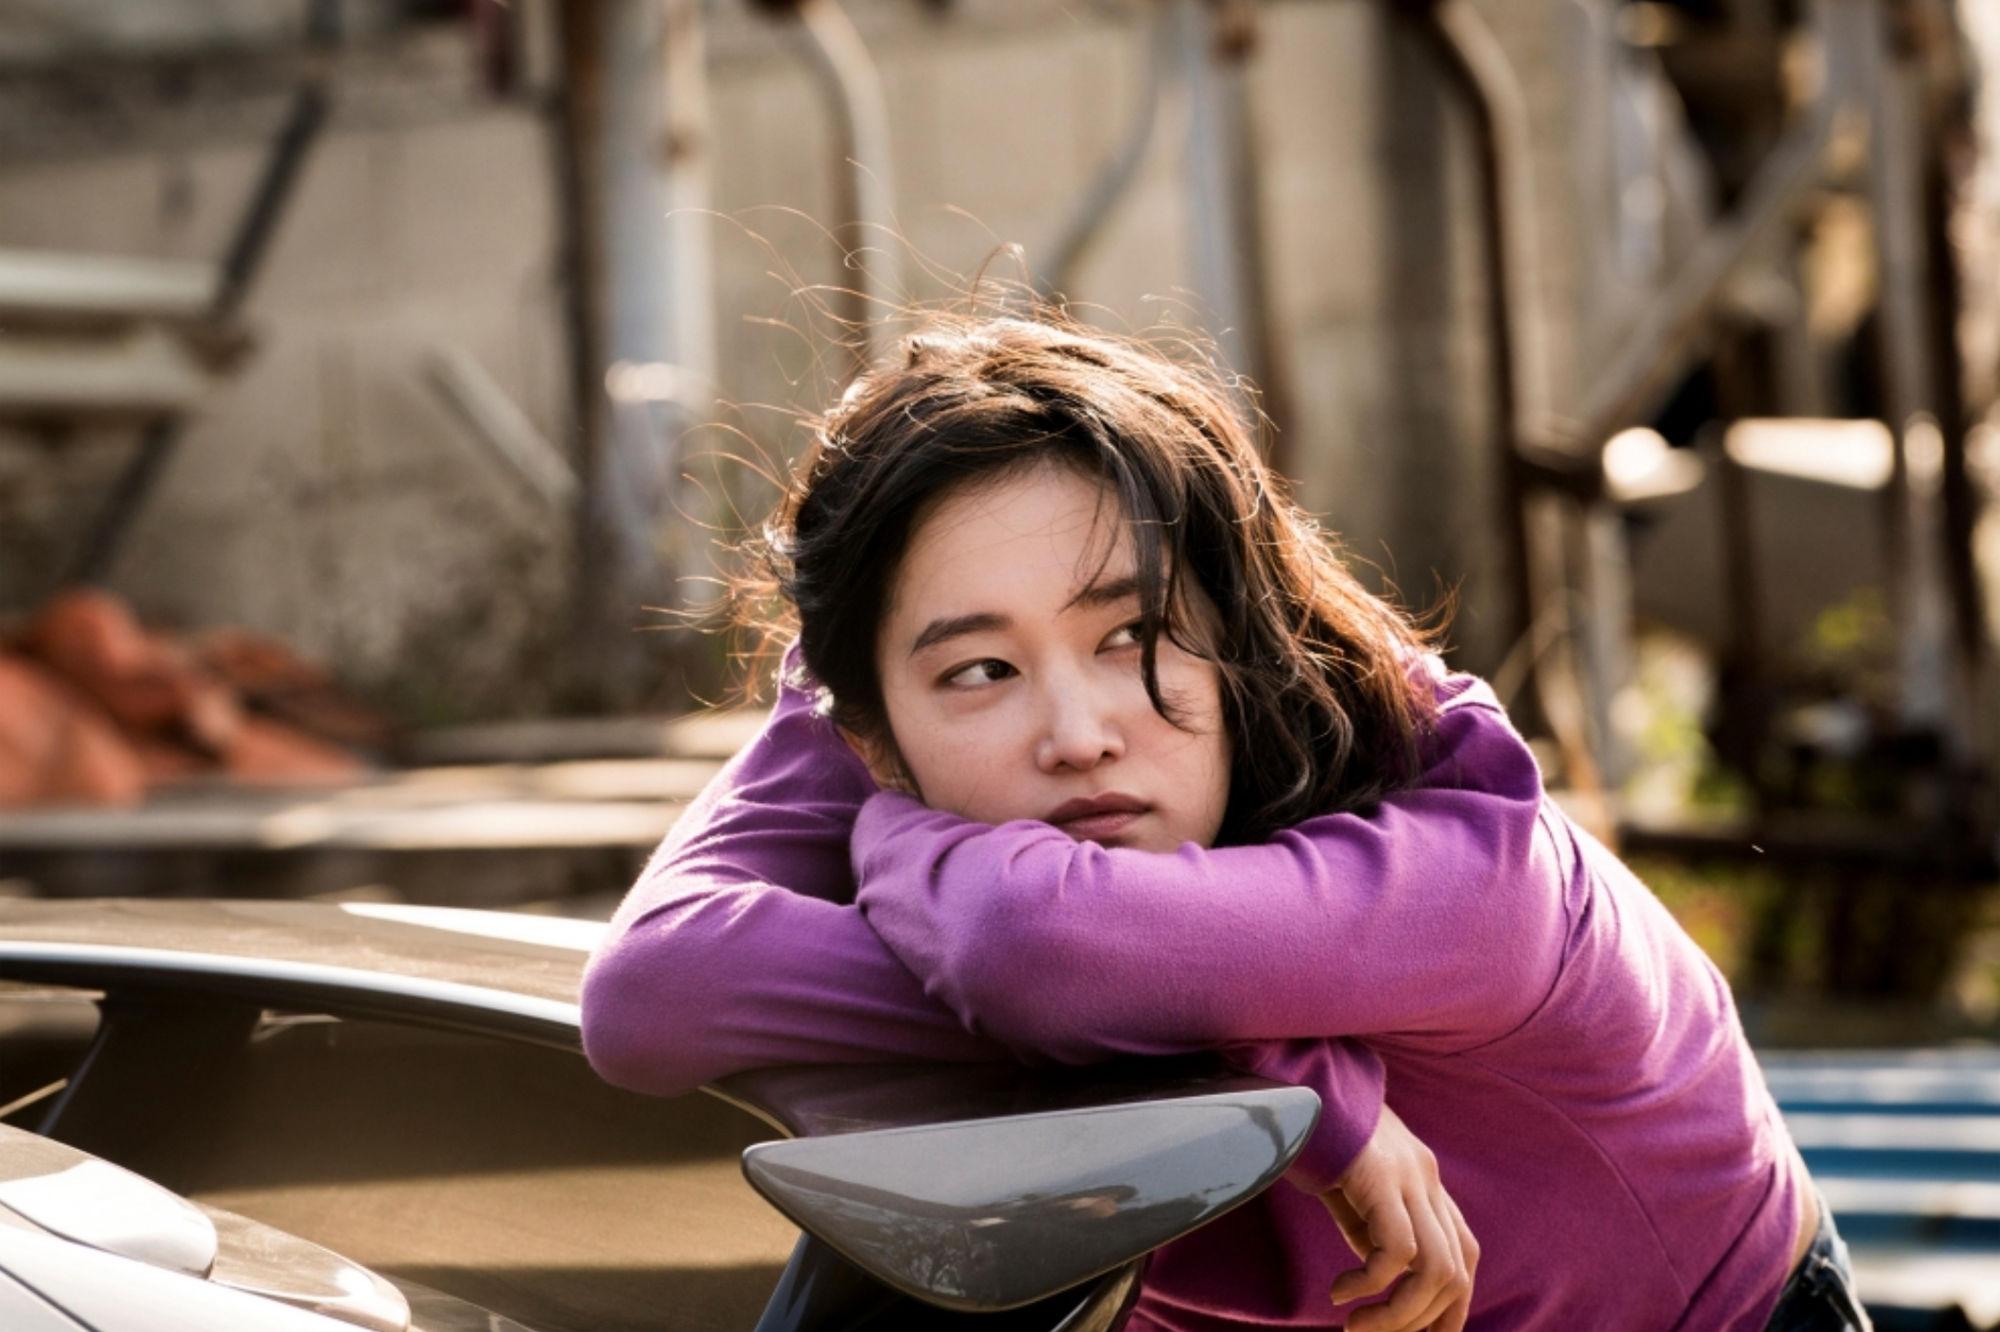 Burning-de-Lee-Chang-dong-la-critique-Festival-de-Cannes